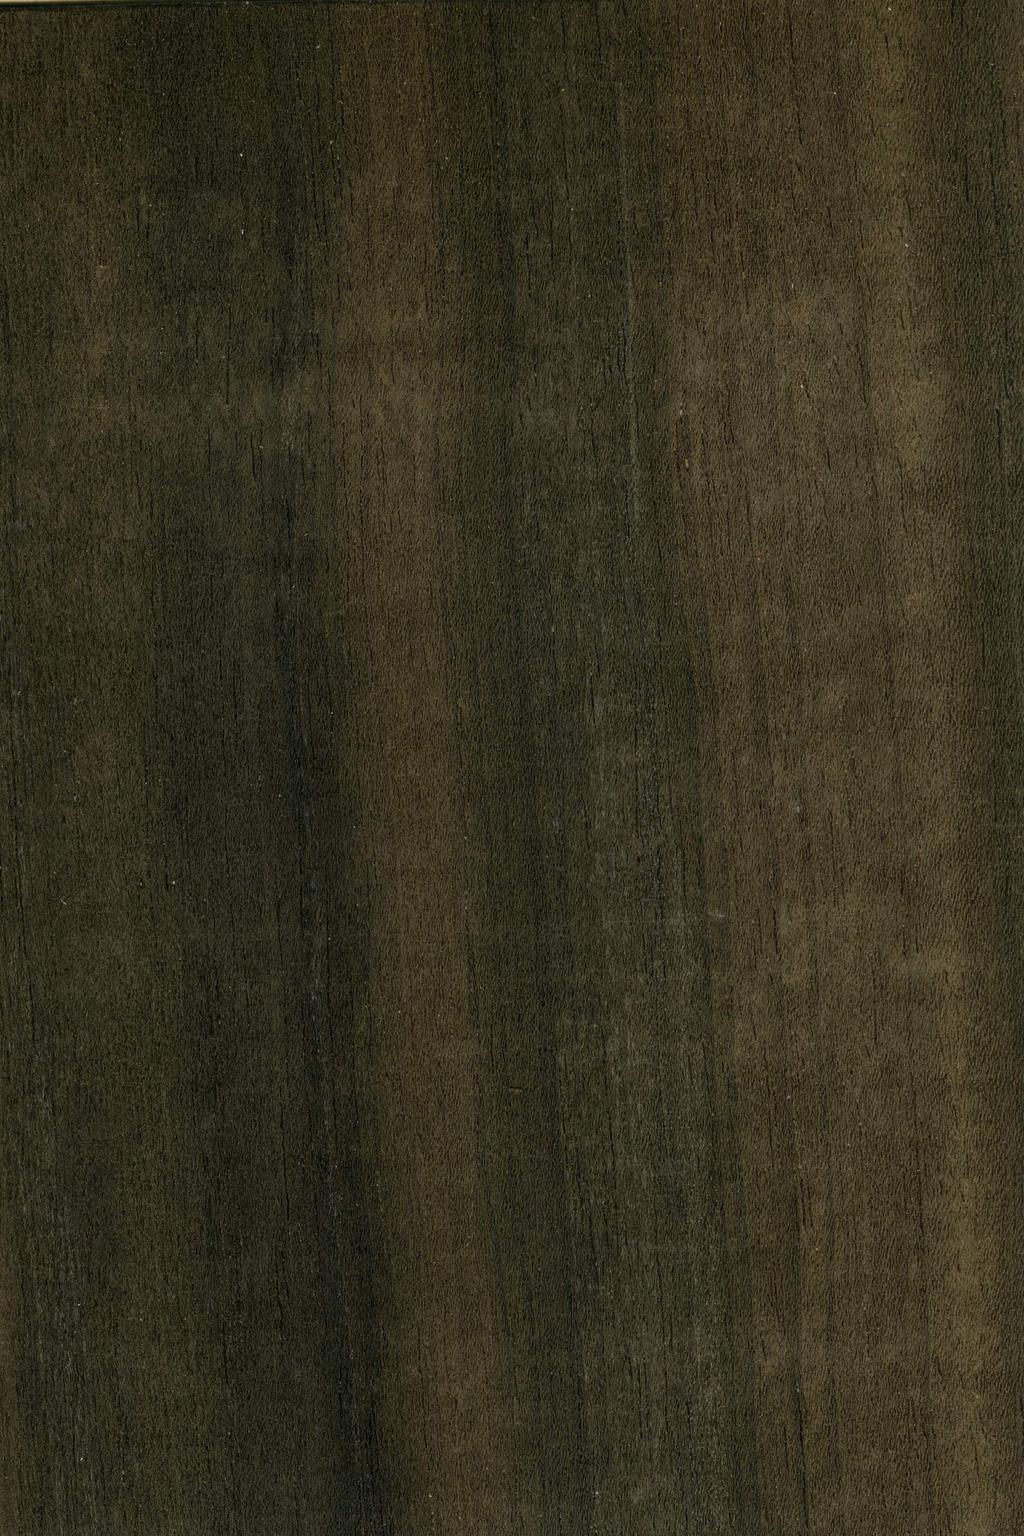 桉树木纹贴图素材图片下载 木纹高清图模板下载  木地板 3d贴图 木